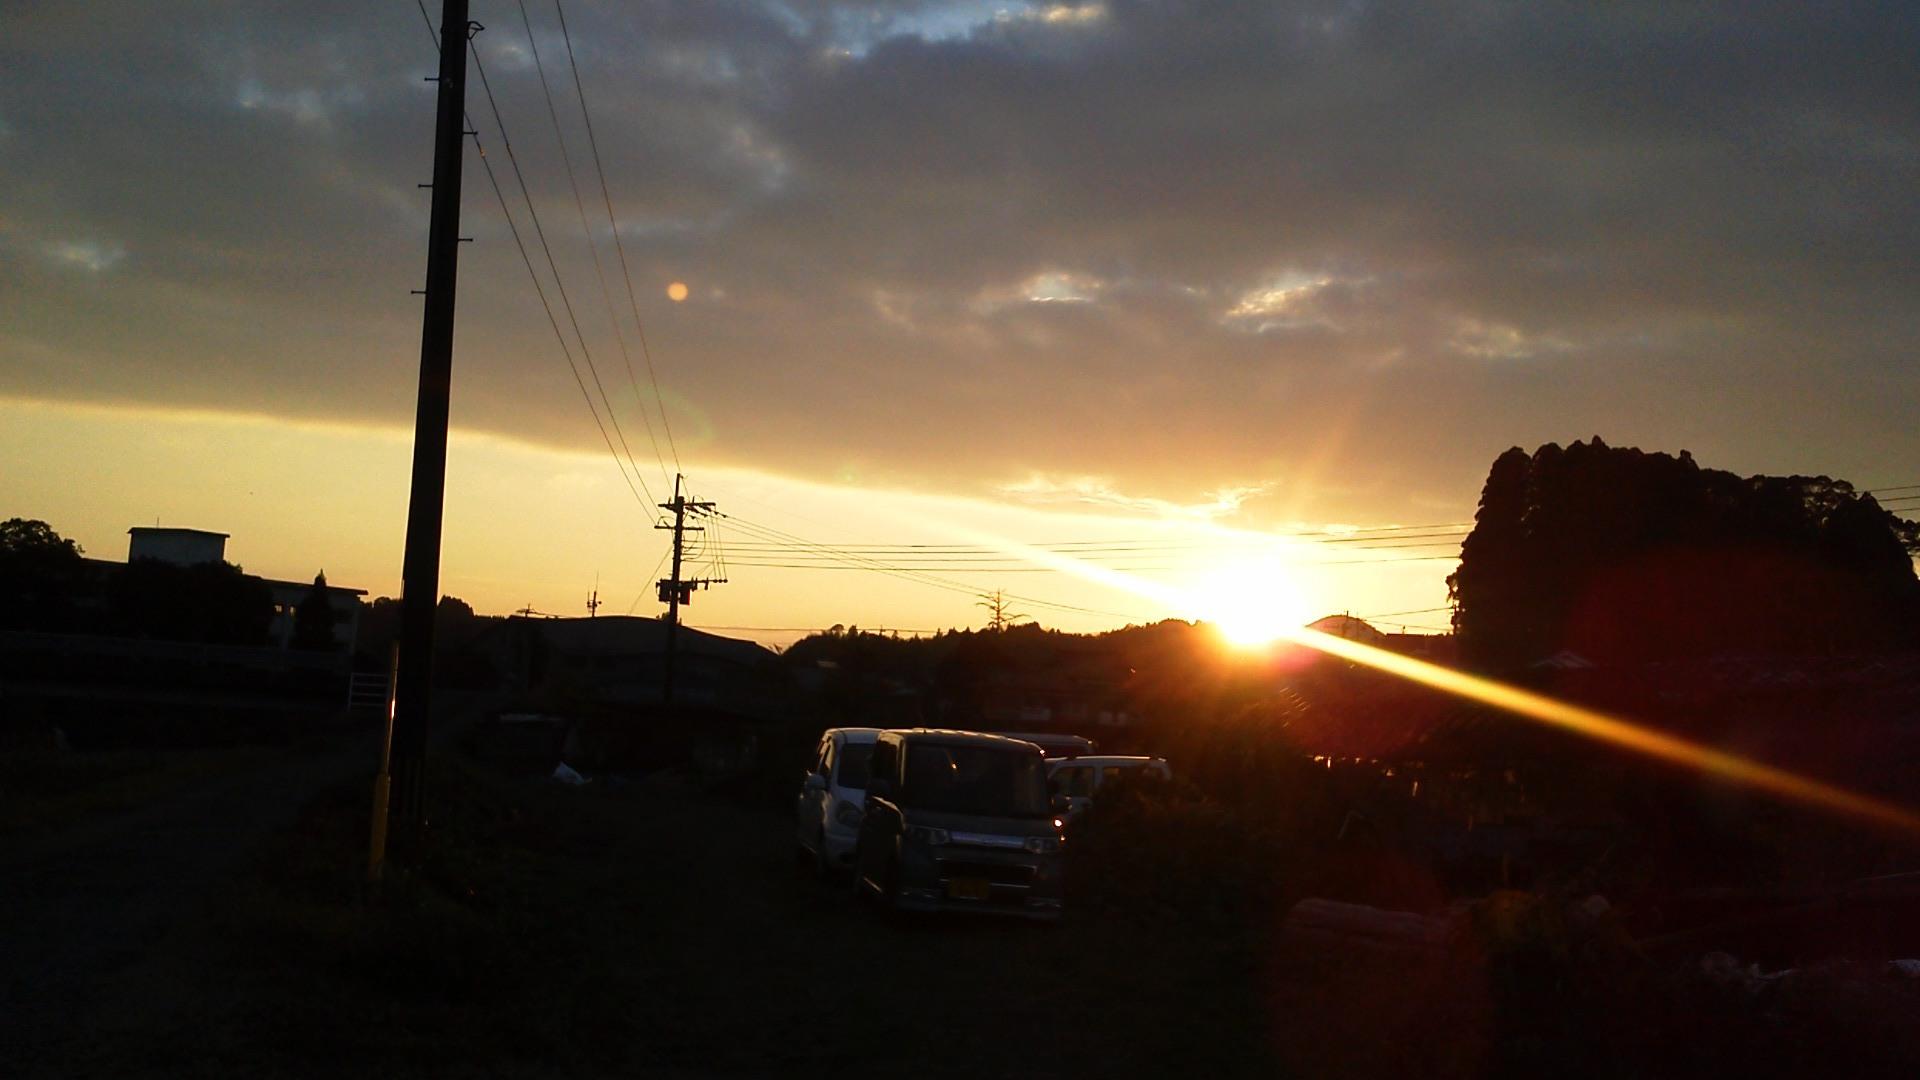 夕陽煌めいて・・☆_a0174458_0195454.jpg